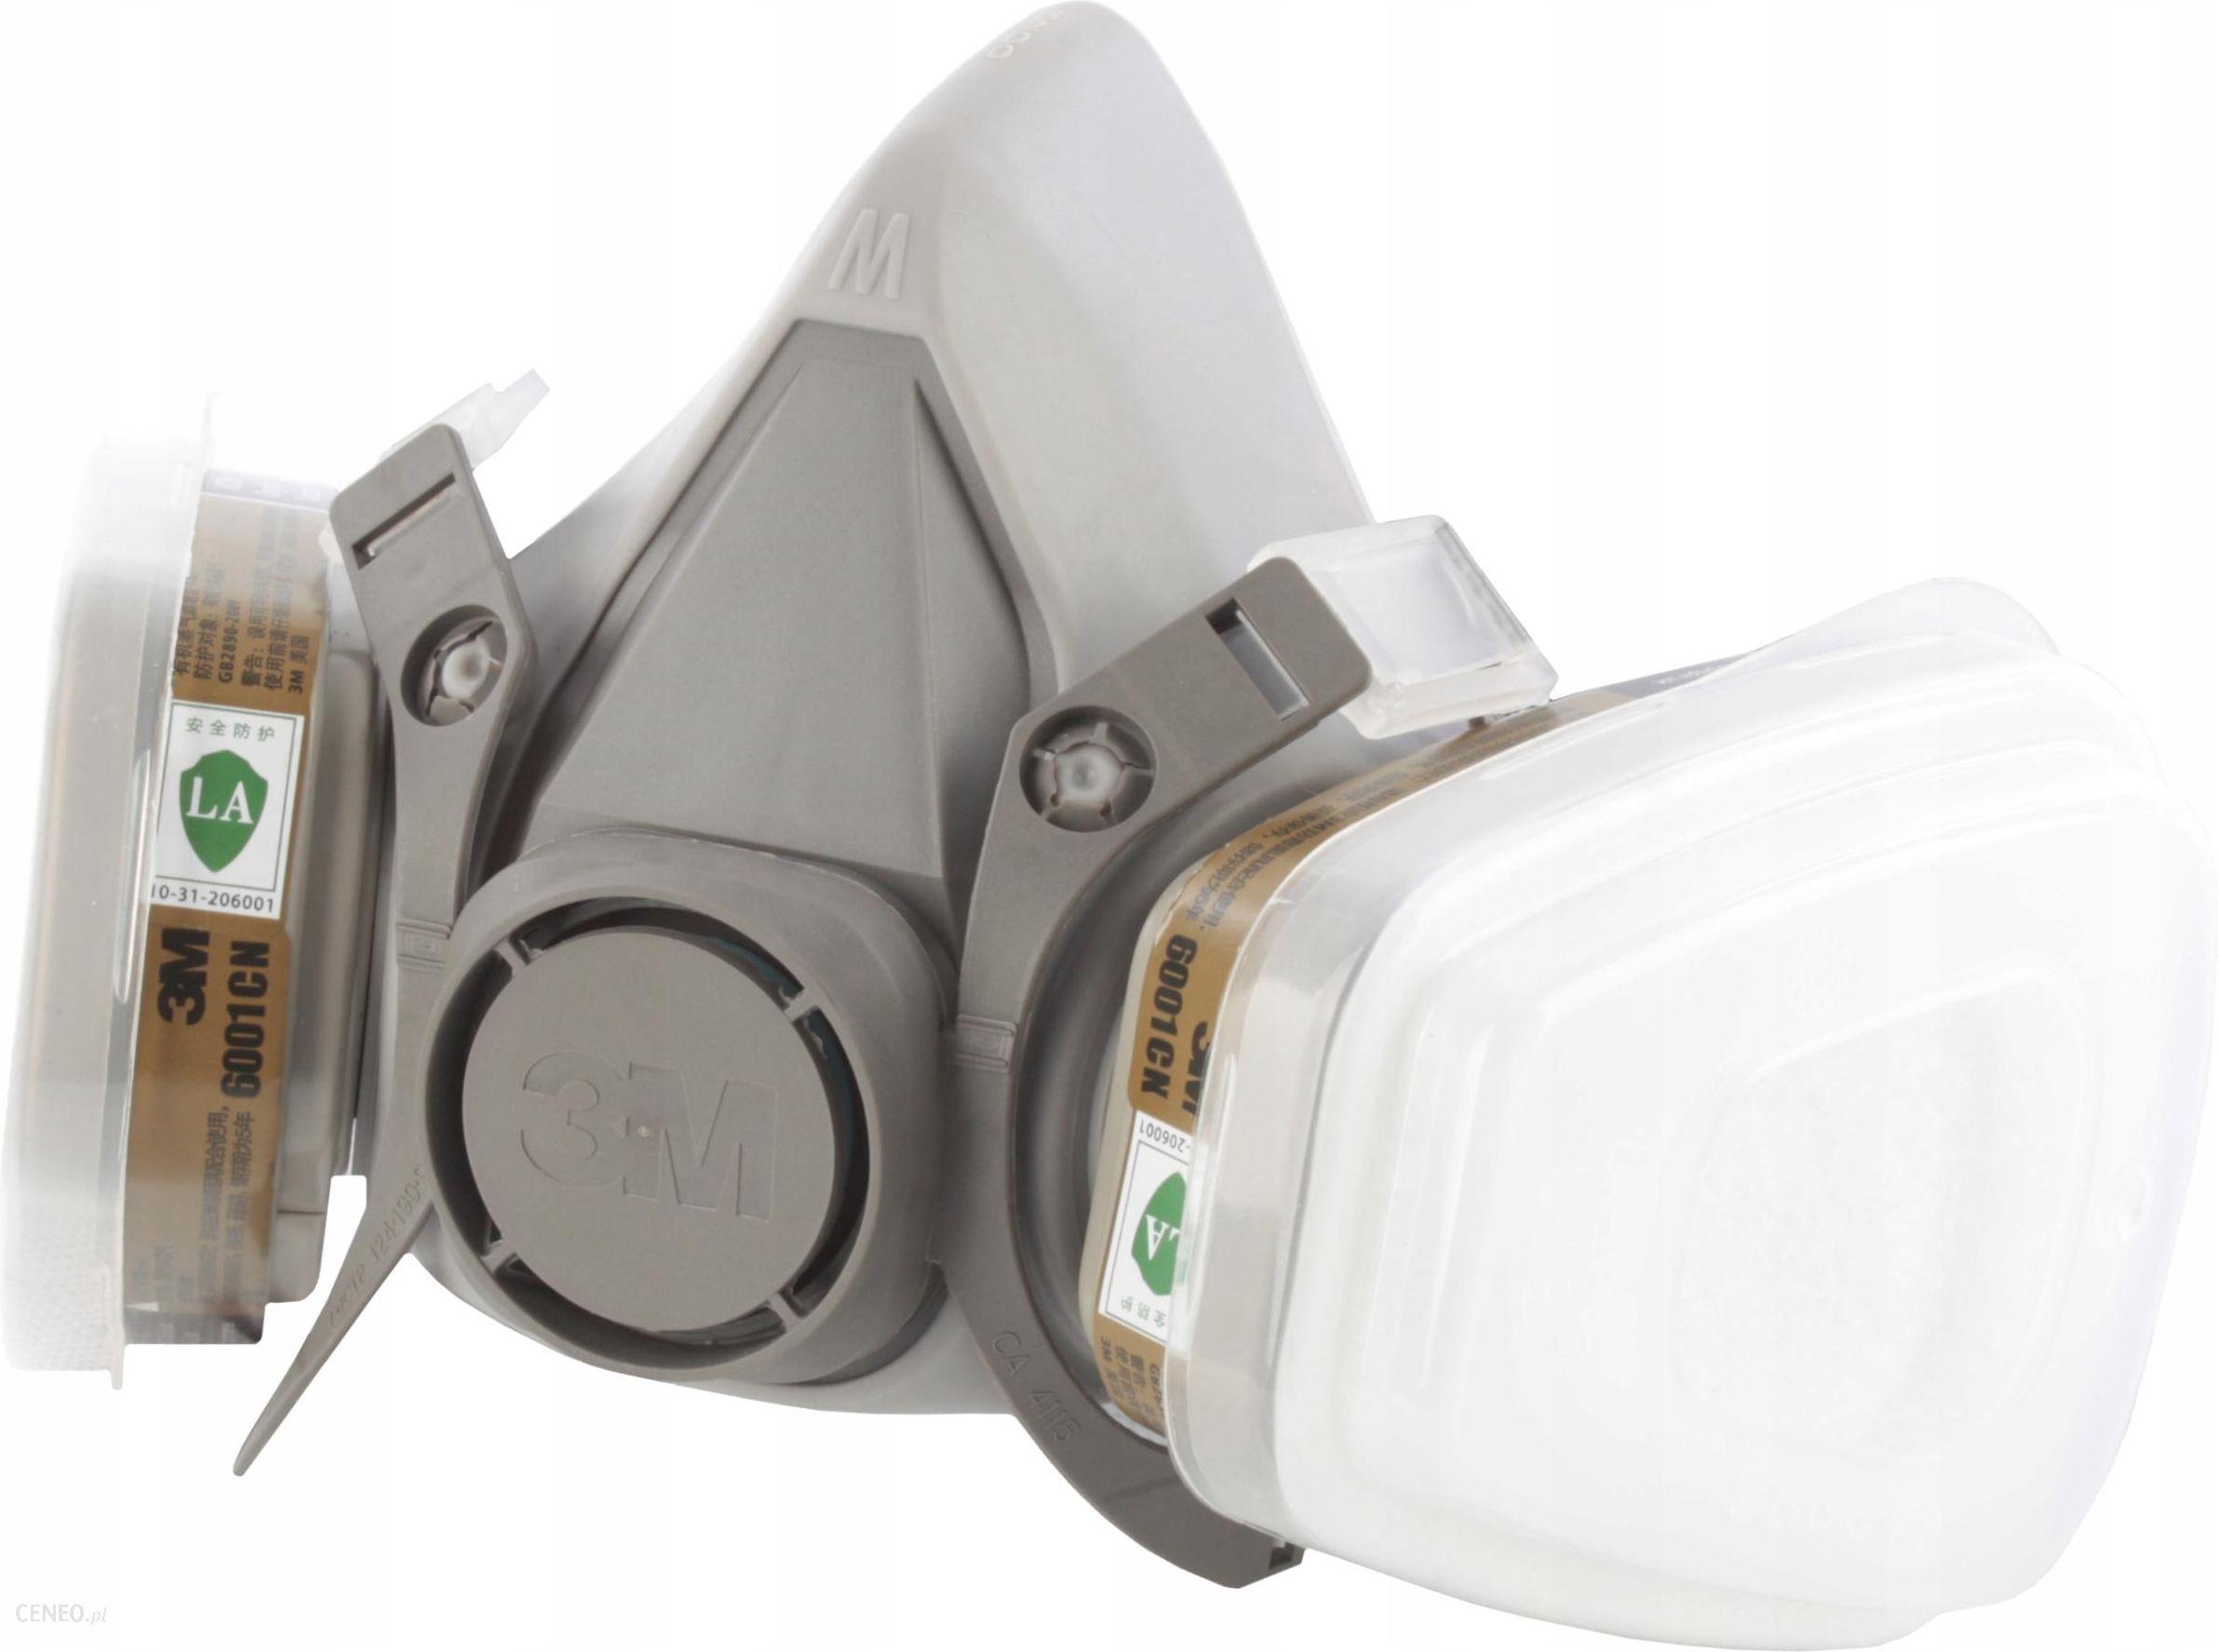 Maska Polmaska 3m 6200 Lakiernicza 4 Filtry Ceny I Opinie Ceneo Pl